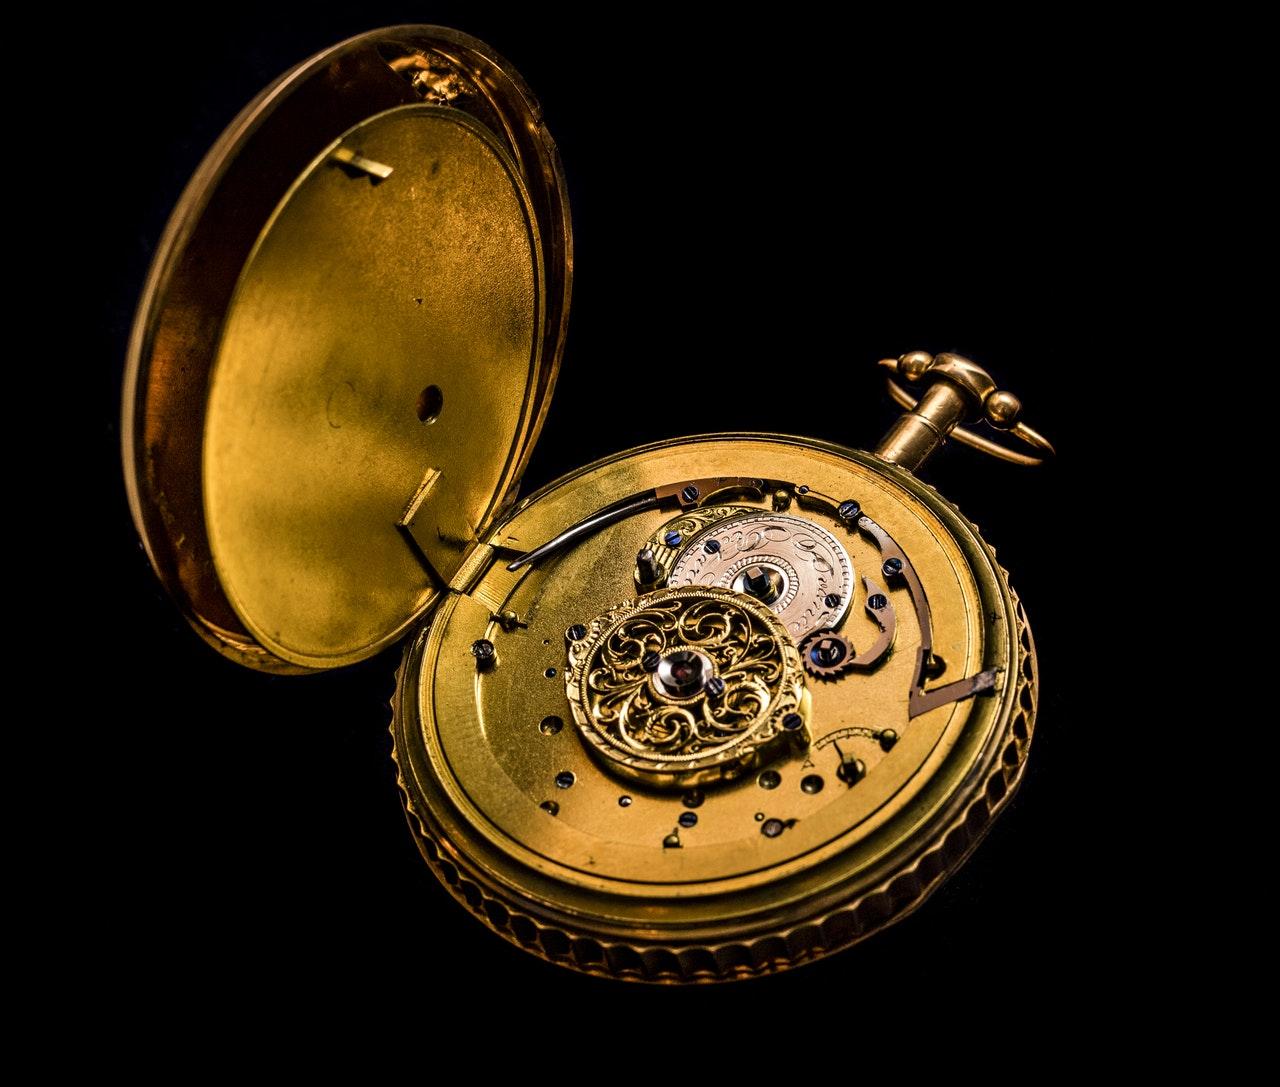 Konserwacja zegarków mechanicznych Adriatica – jak się za to zabrać?